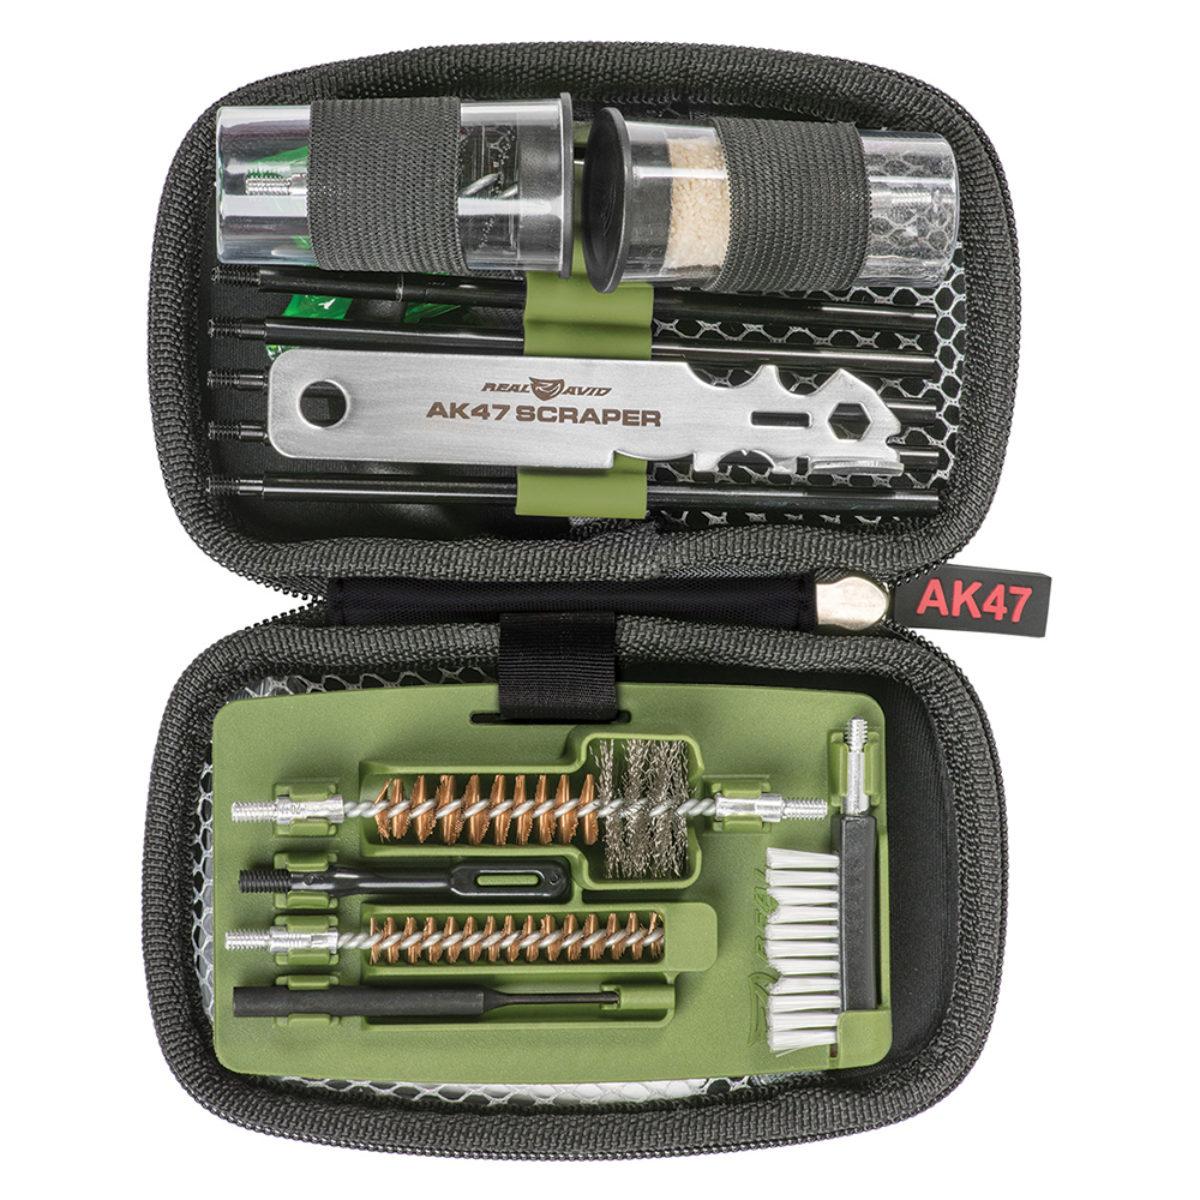 Picture of Real Avid GUN BOSS ® AK47